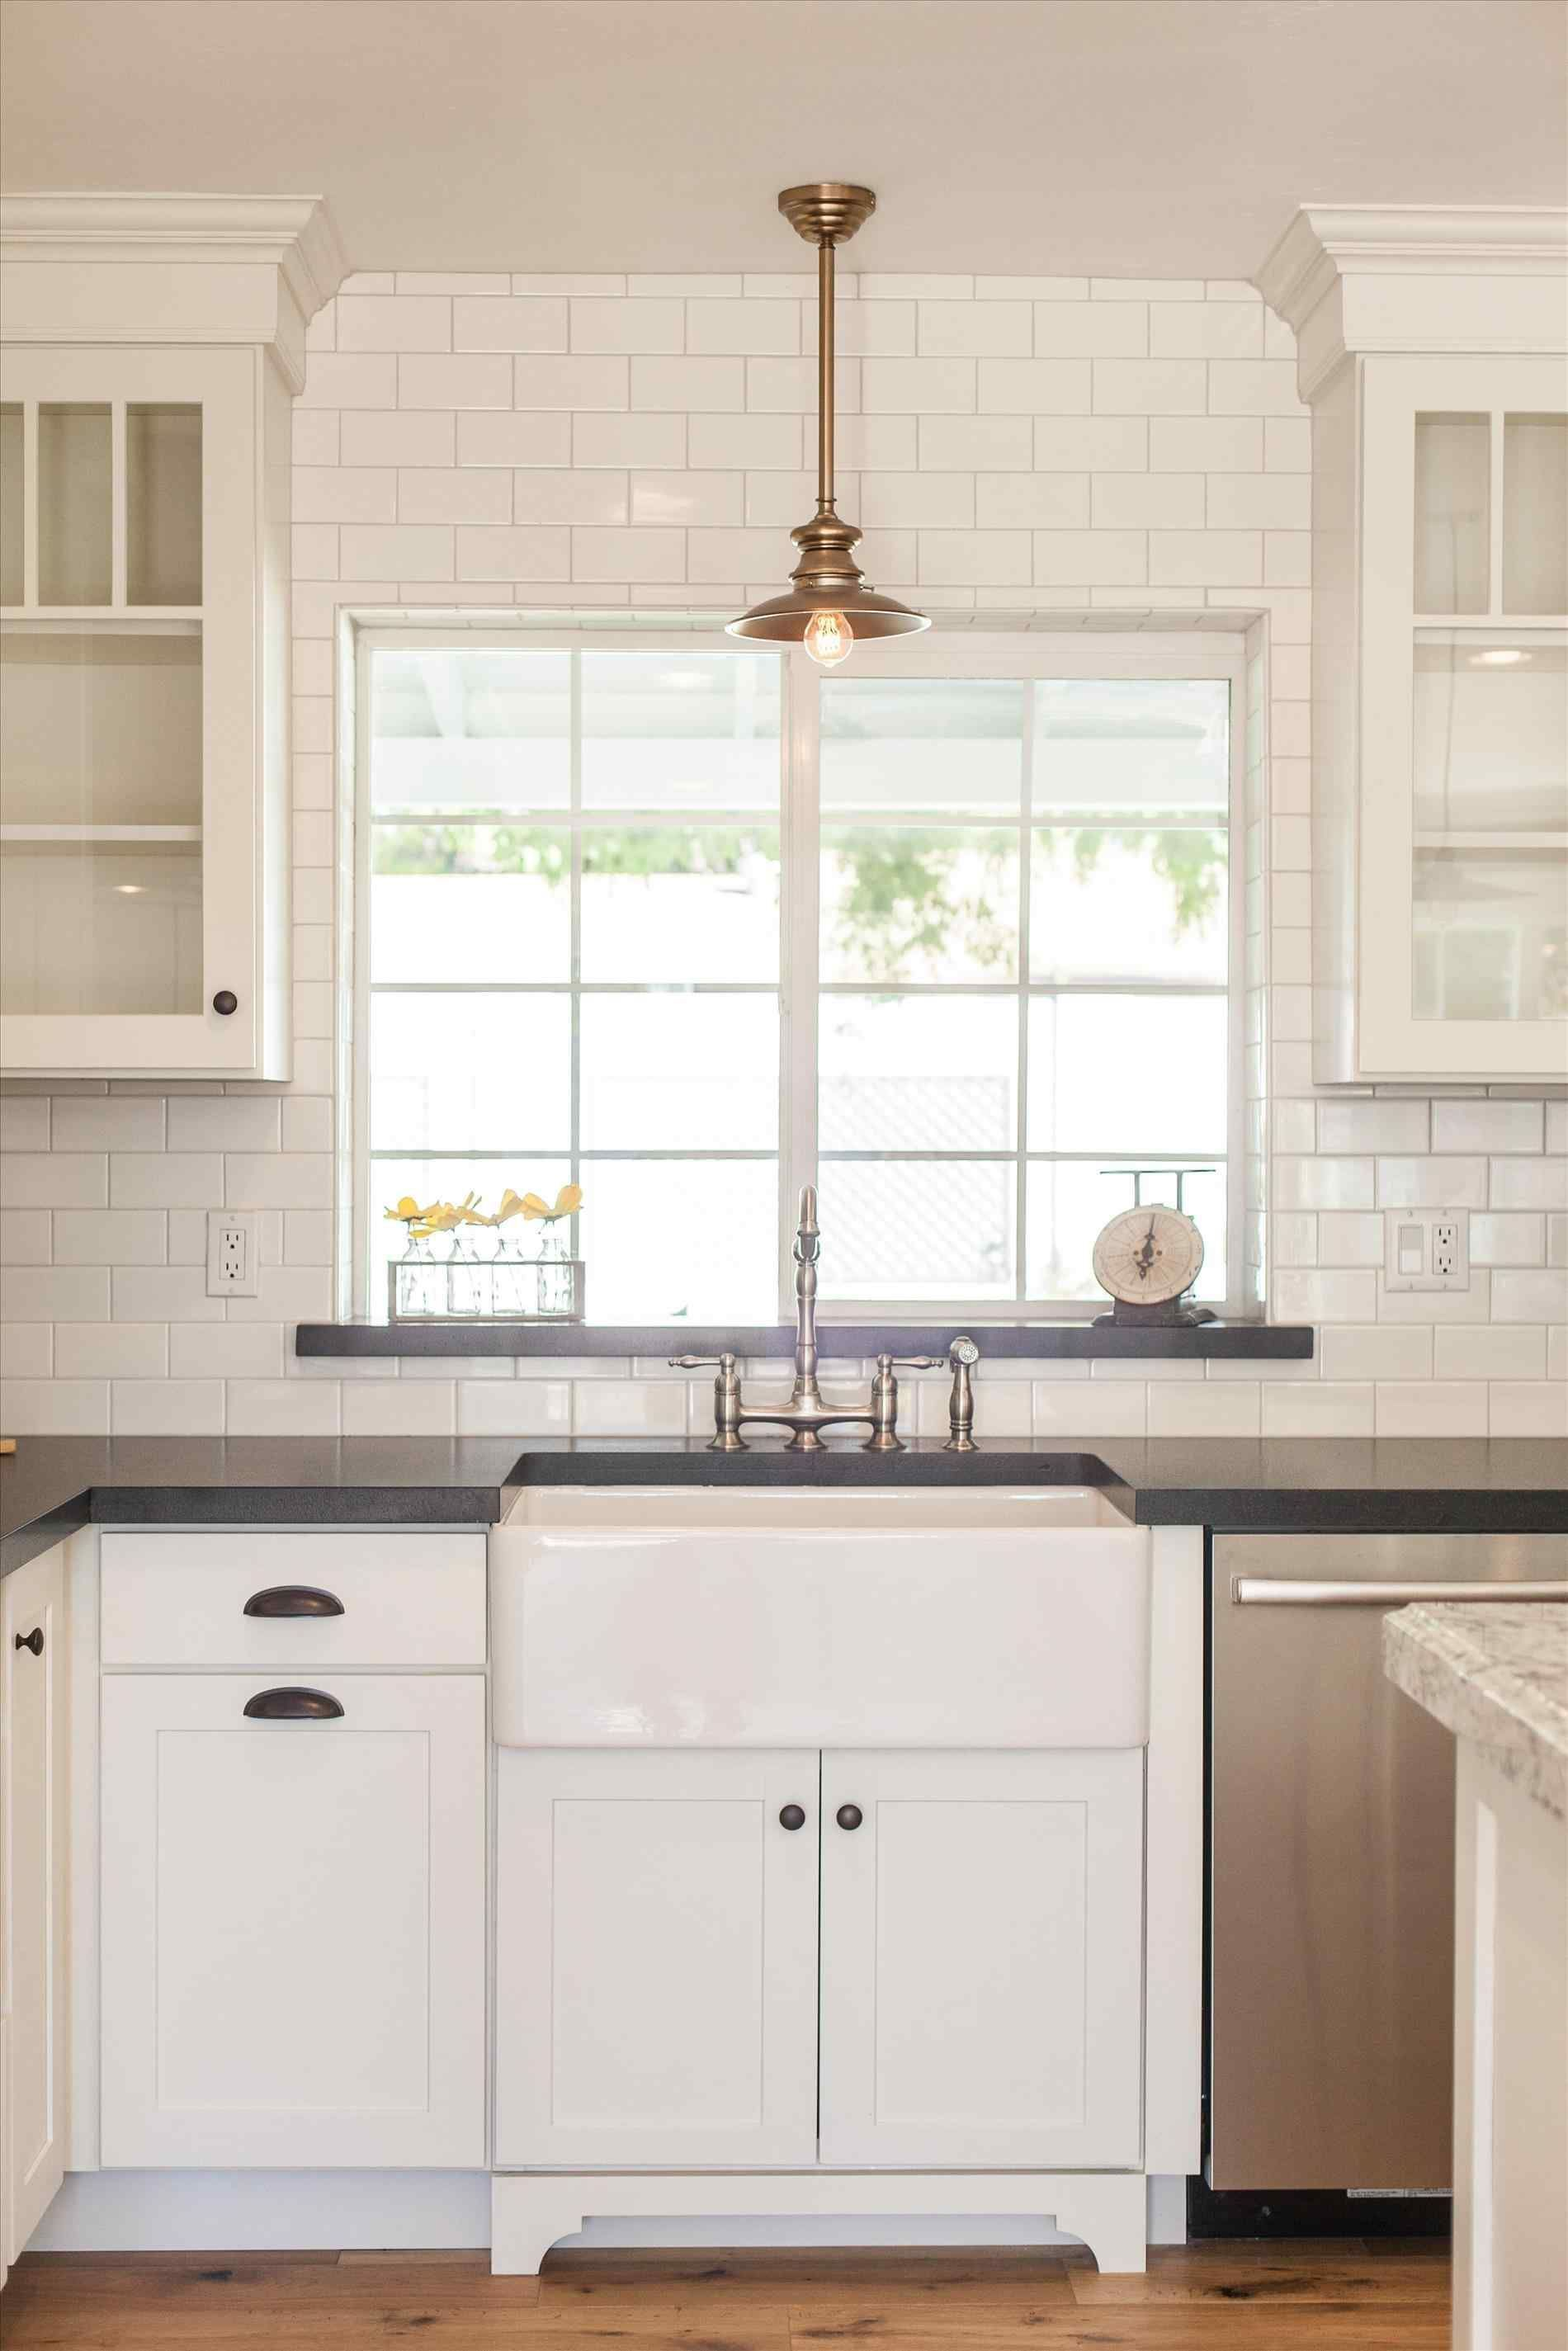 Backsplash around kitchen window  image result for white subway tile around kitchen window